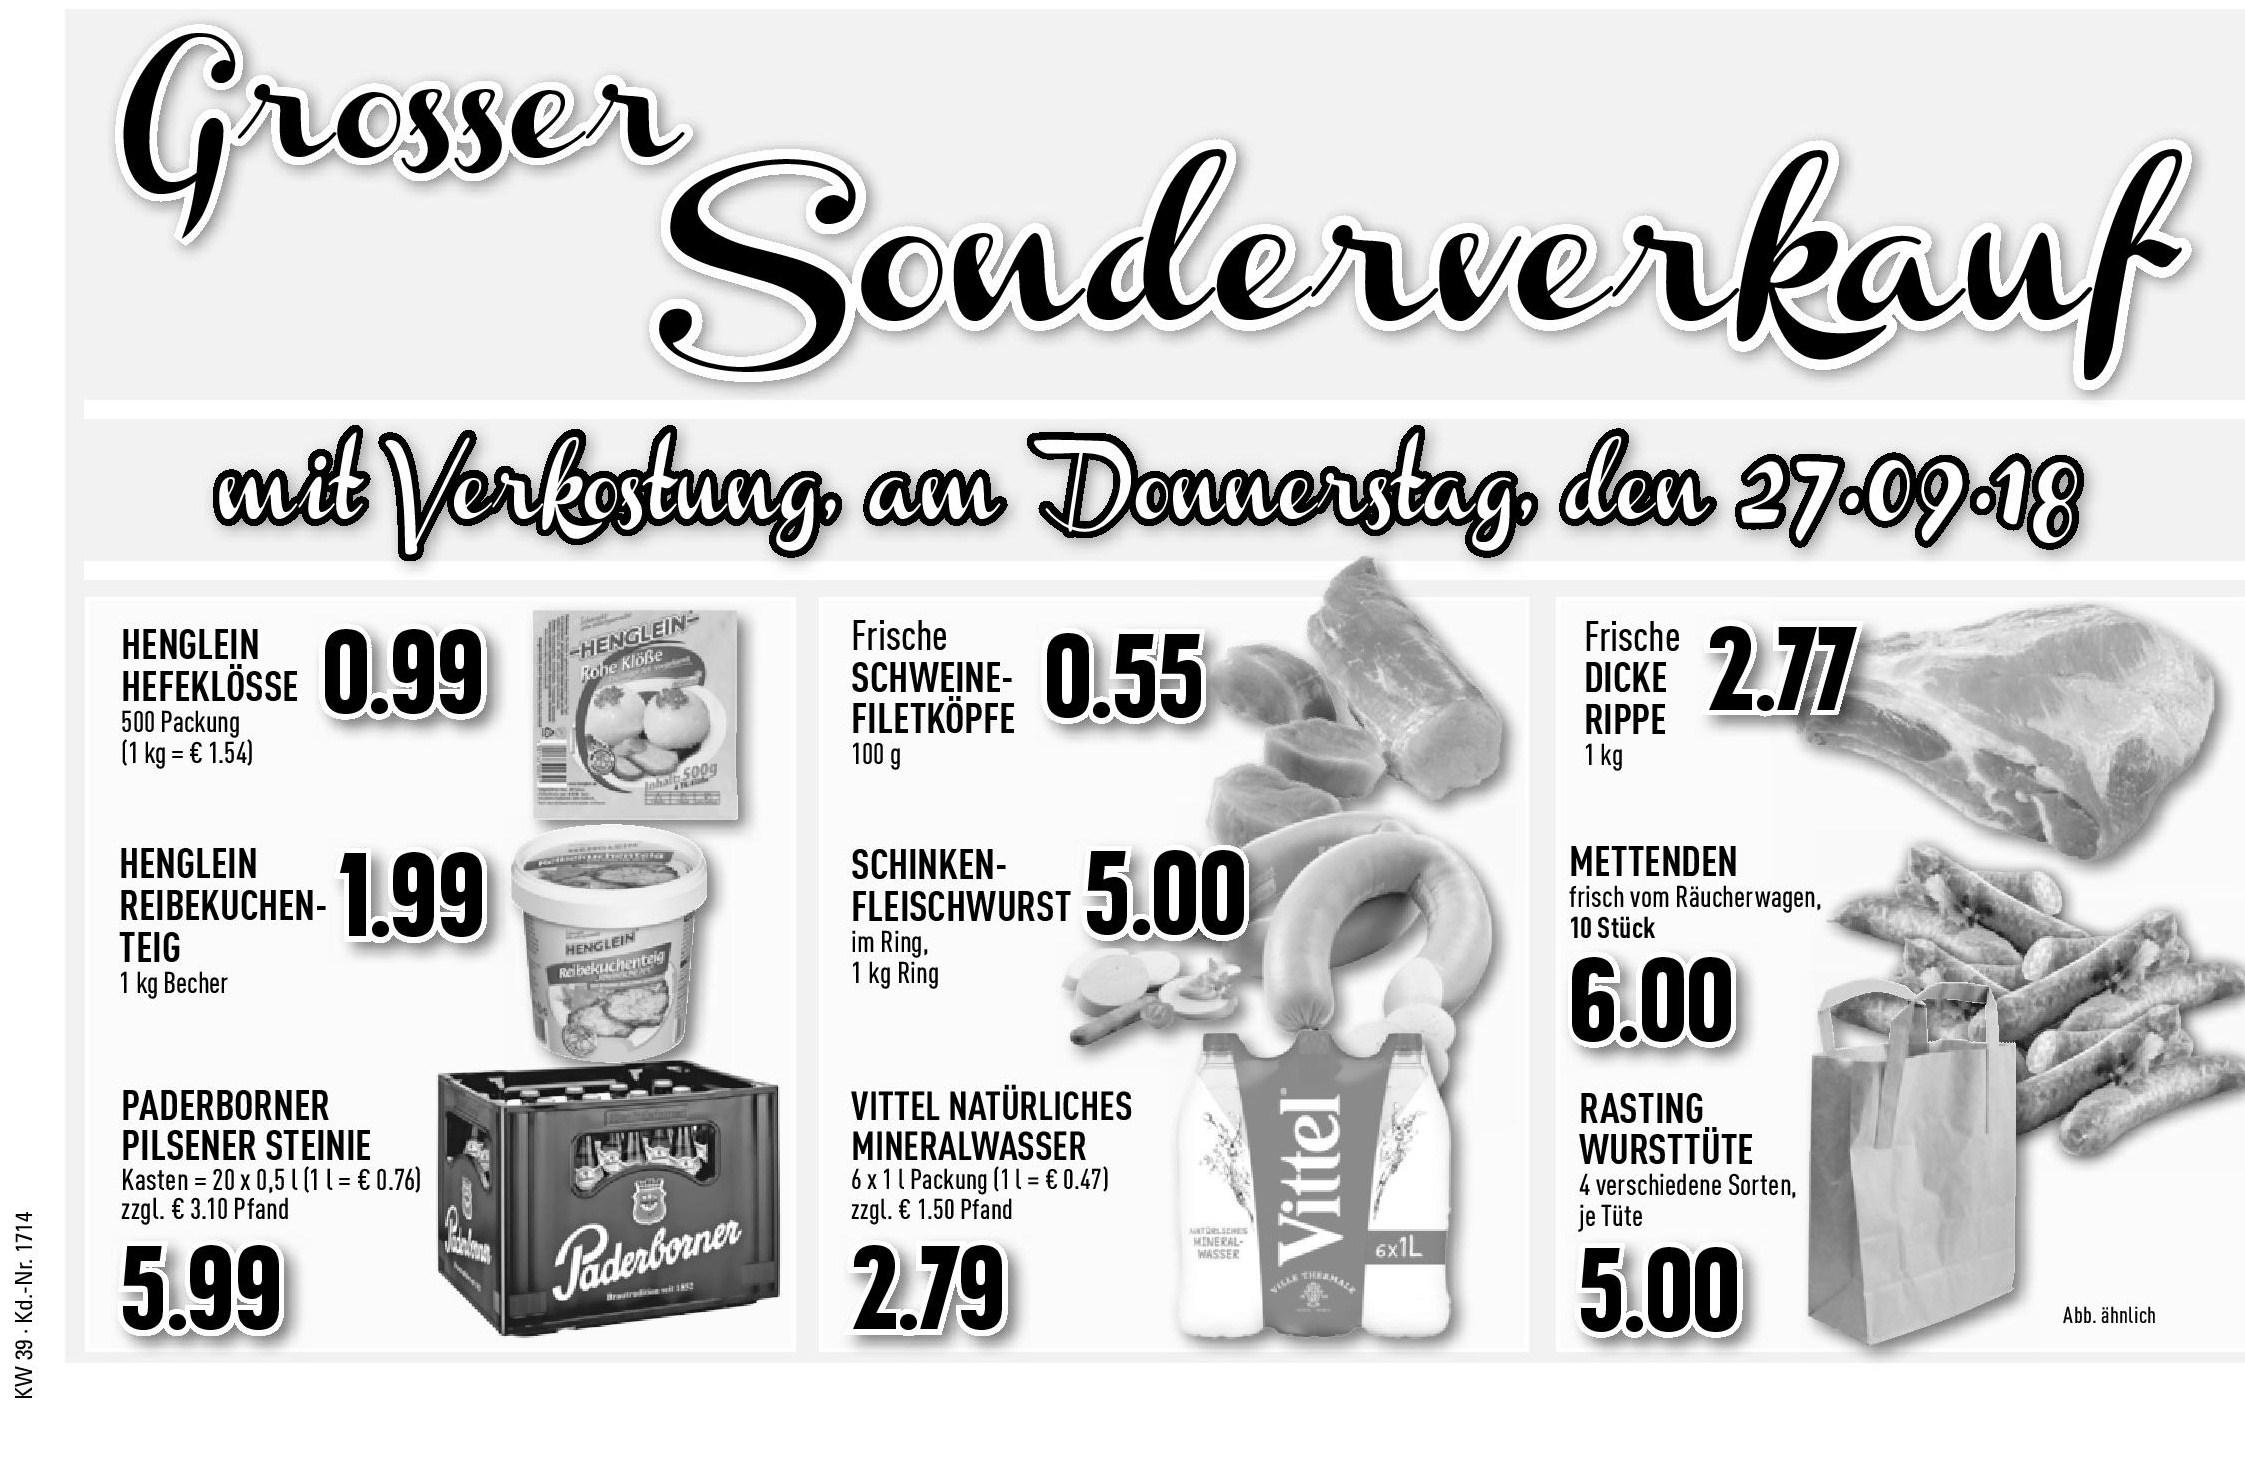 Sonderverkauf am Donnerstag, 27.09.2018